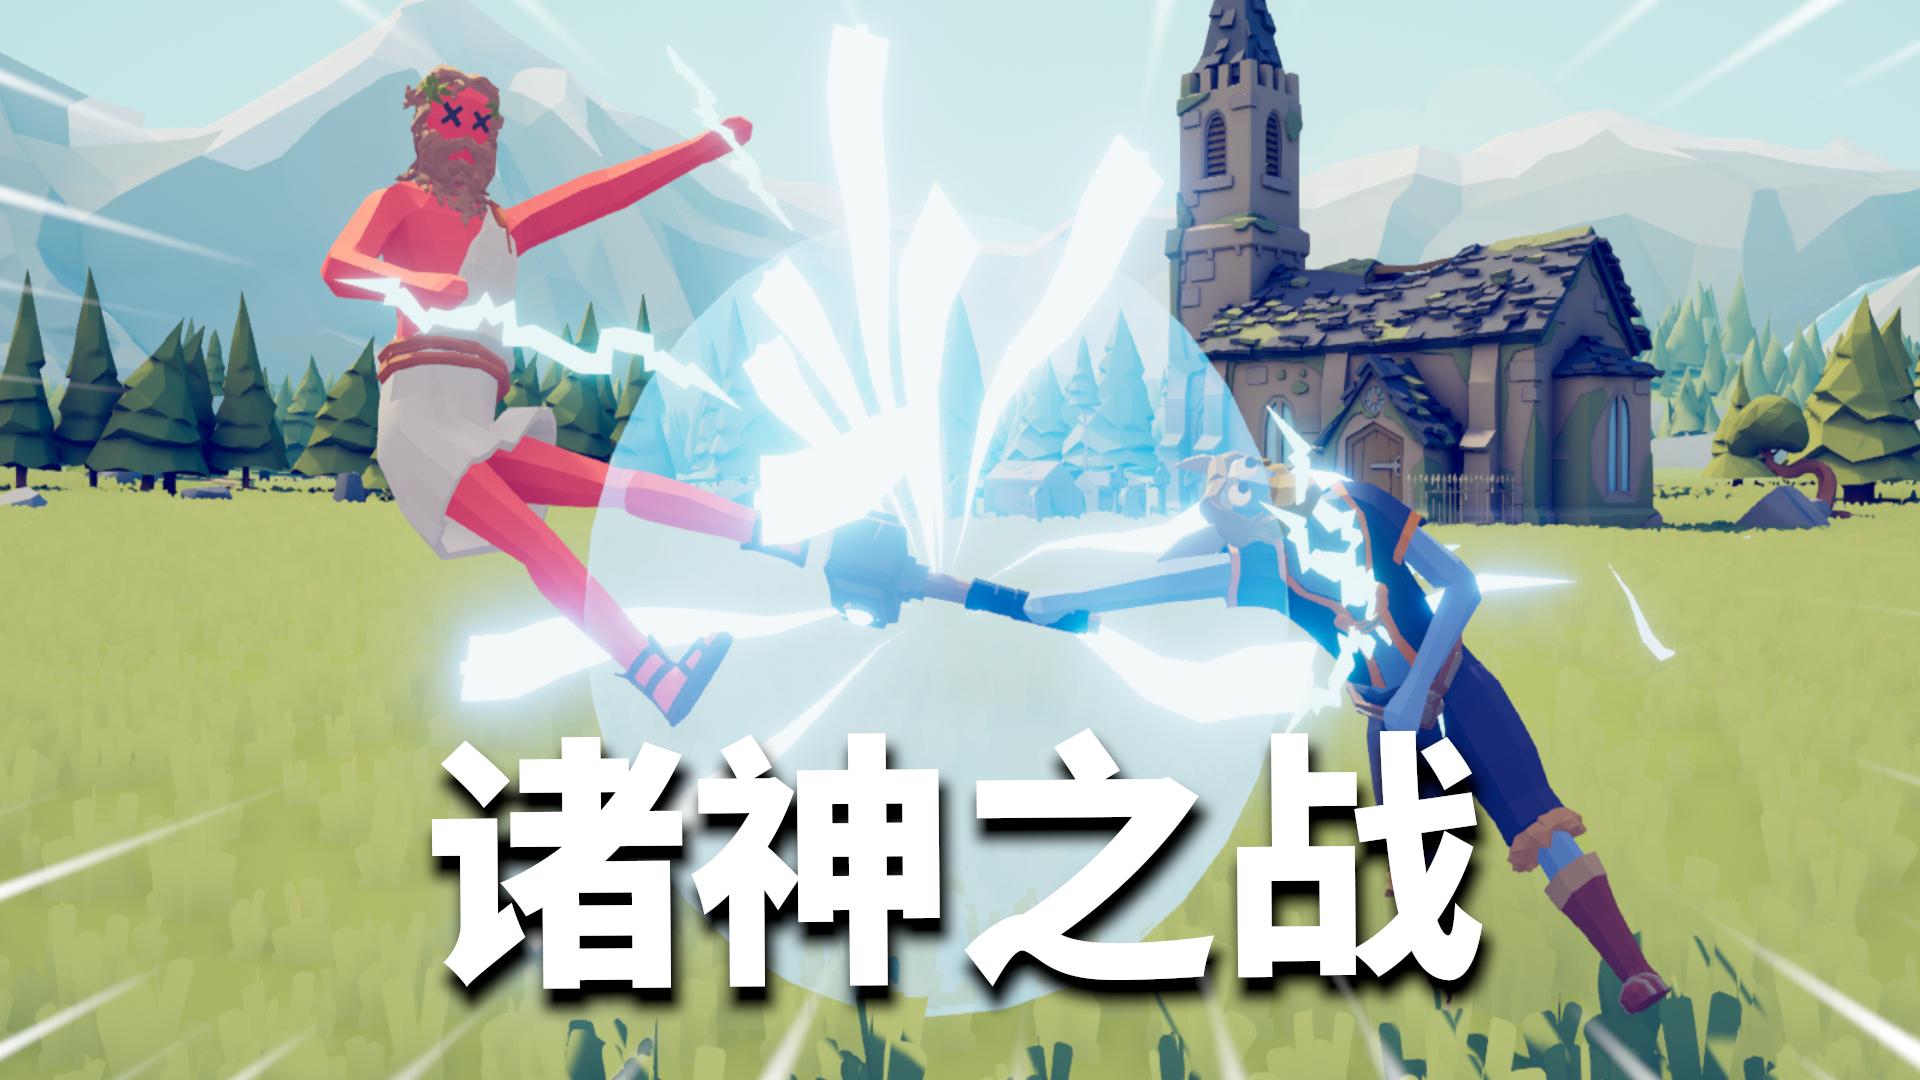 全面战争模拟器遗产派系关卡速通02:谁才是真正的众神之王?